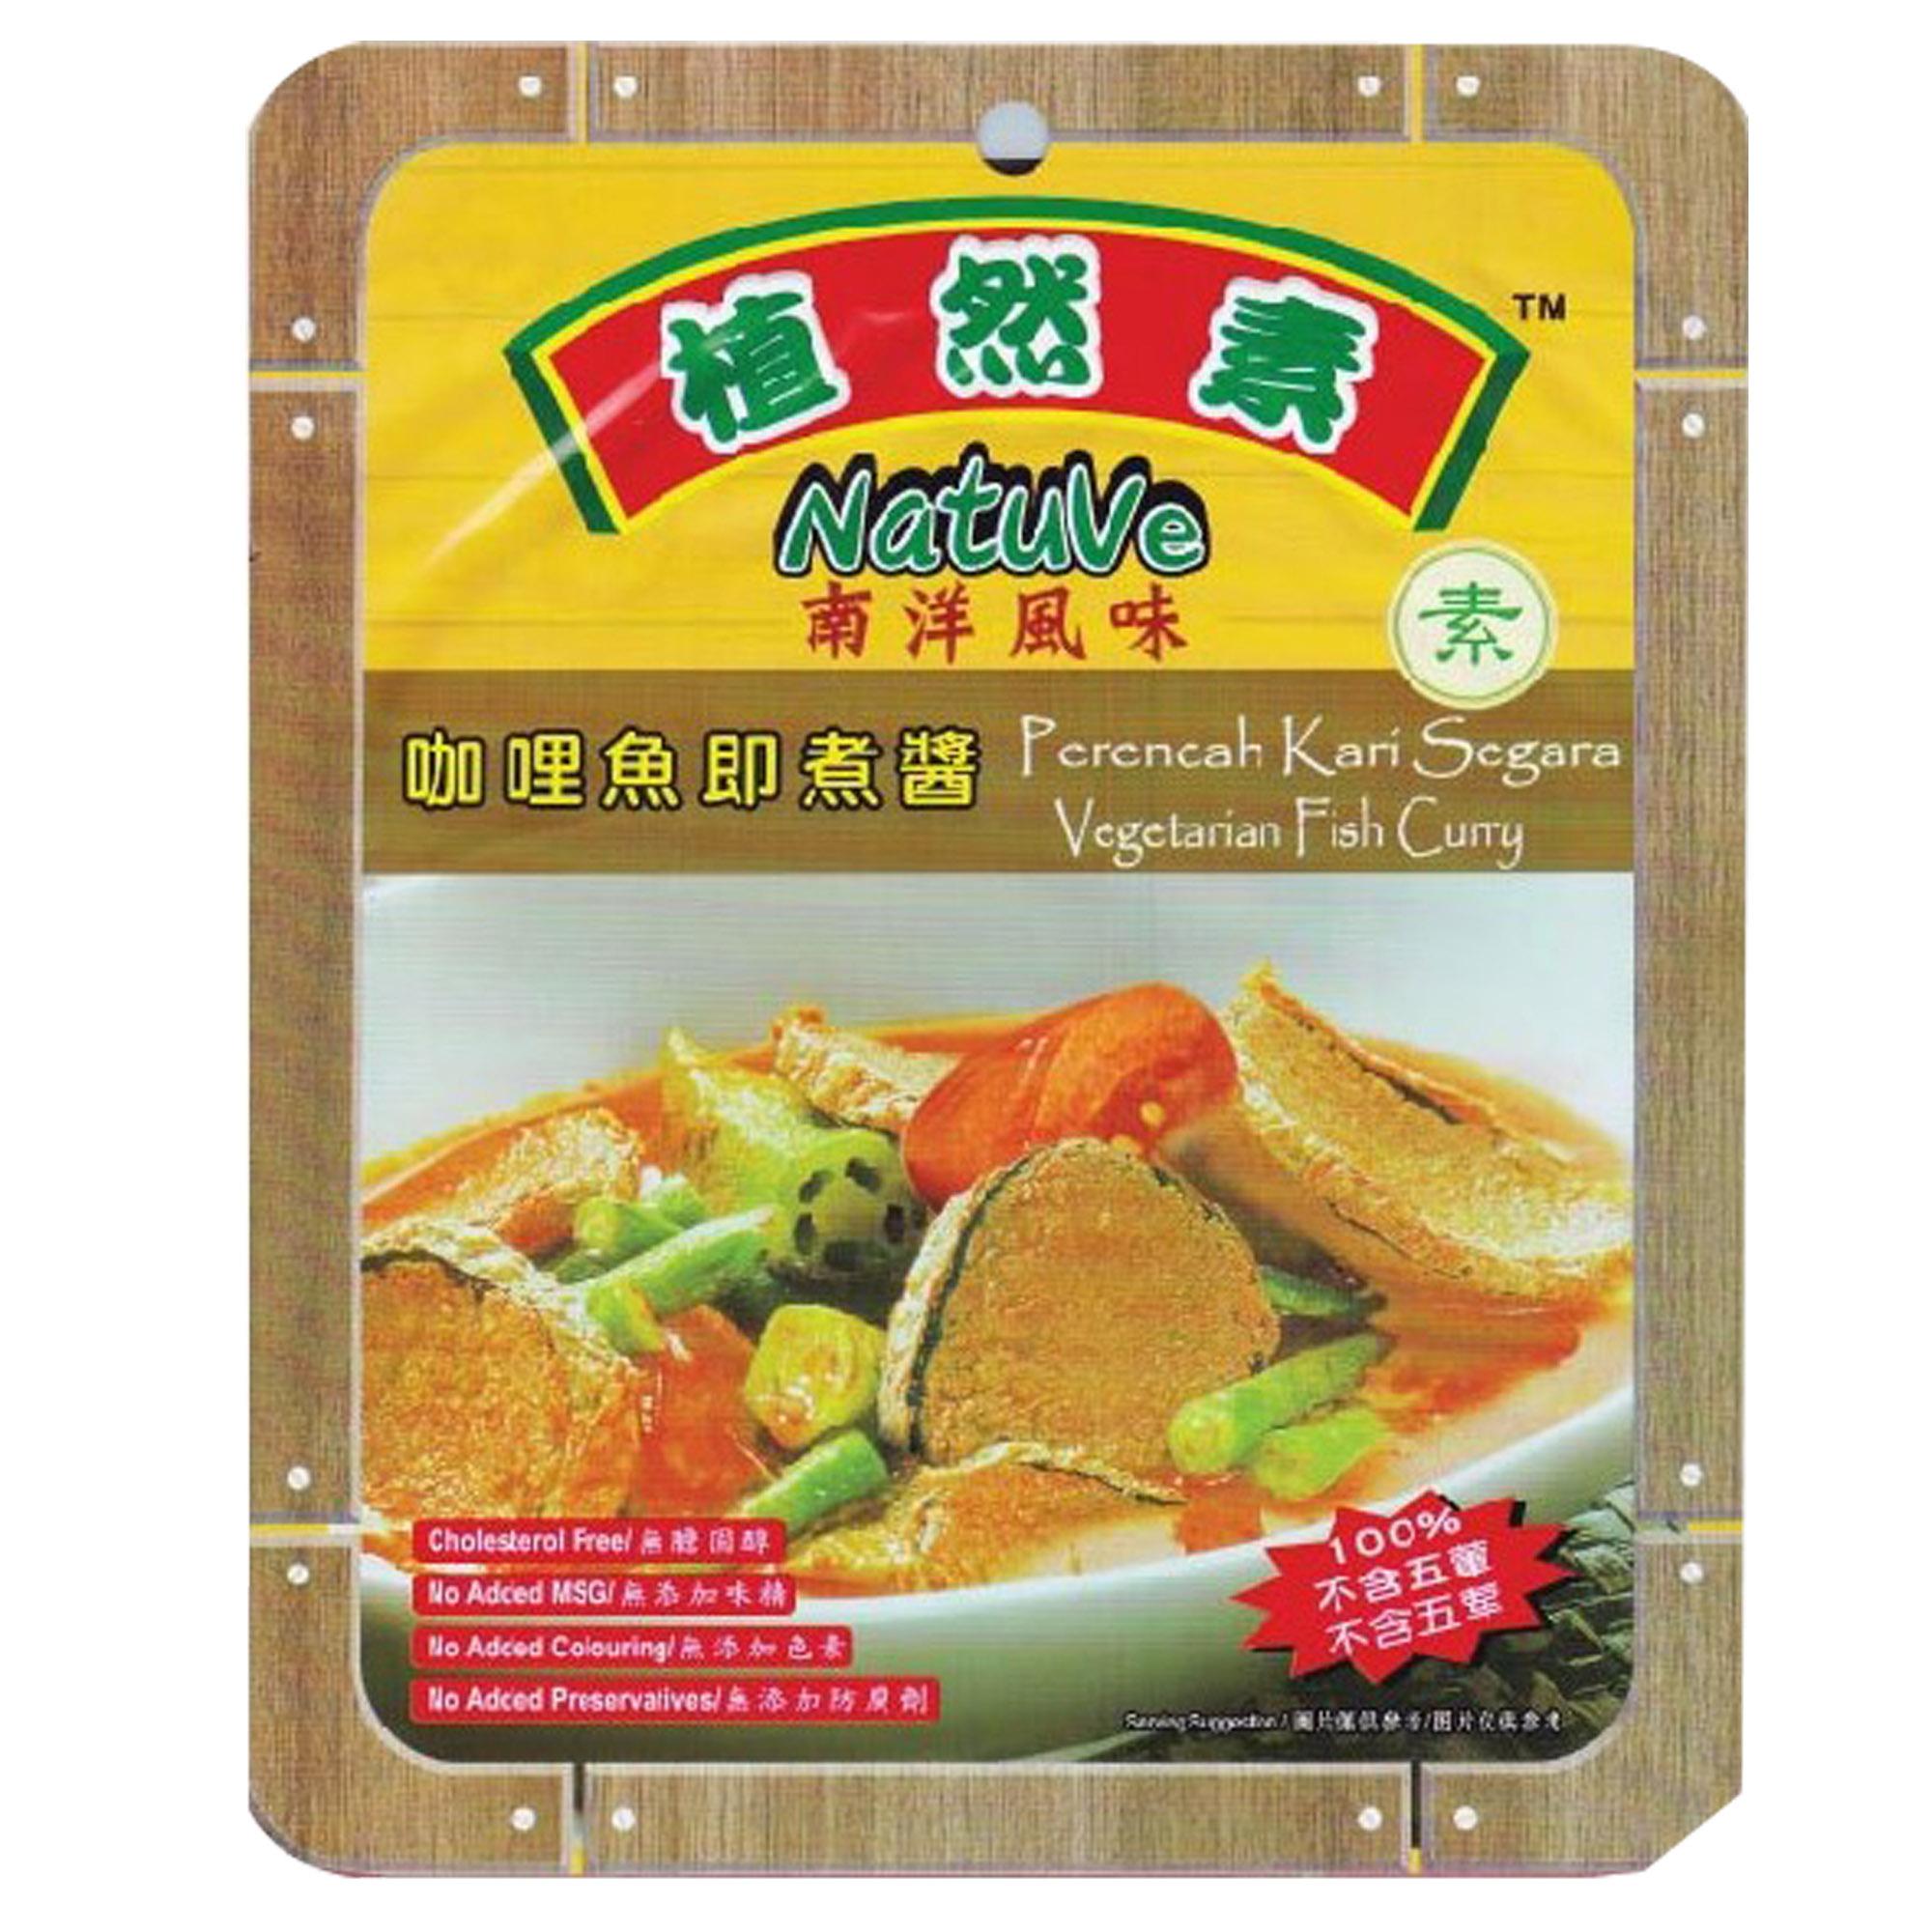 Image Natuve Vegetarian Fish Curry Paste 植然素 - 咖喱鱼即煮酱 180grams